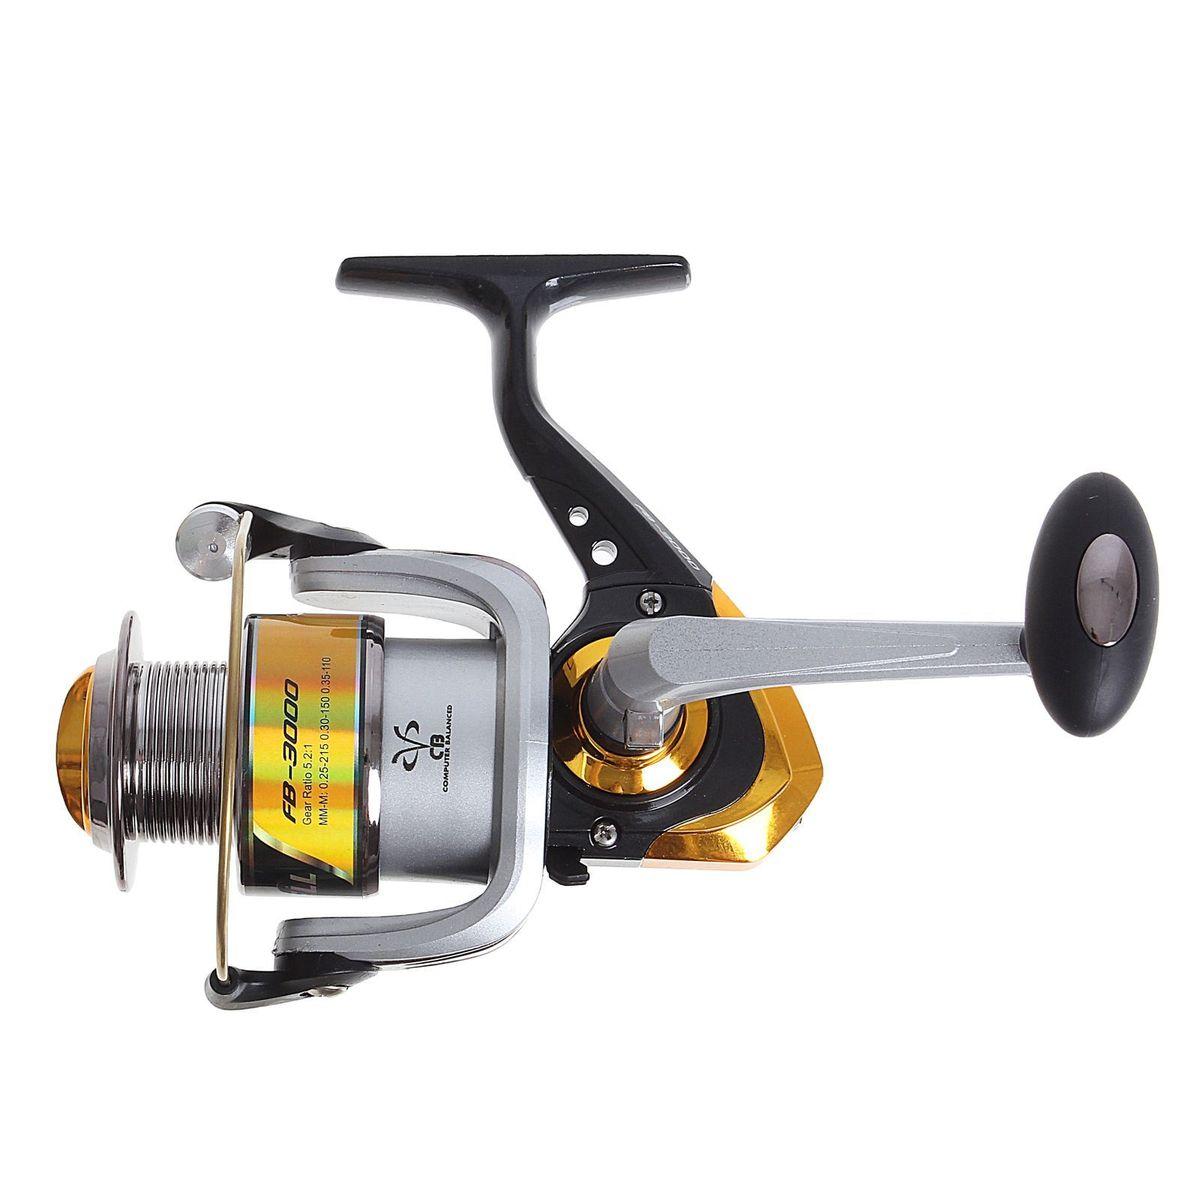 Катушка безынерционная Onlitop 1BB FB 3000, цвет: желтый, 1 подшипник1233160Катушка 1BB FB 3000 это универсальная модель «эконом»-класса для разных условий рыбалки, отличный выбор для начинающих рыболовов.